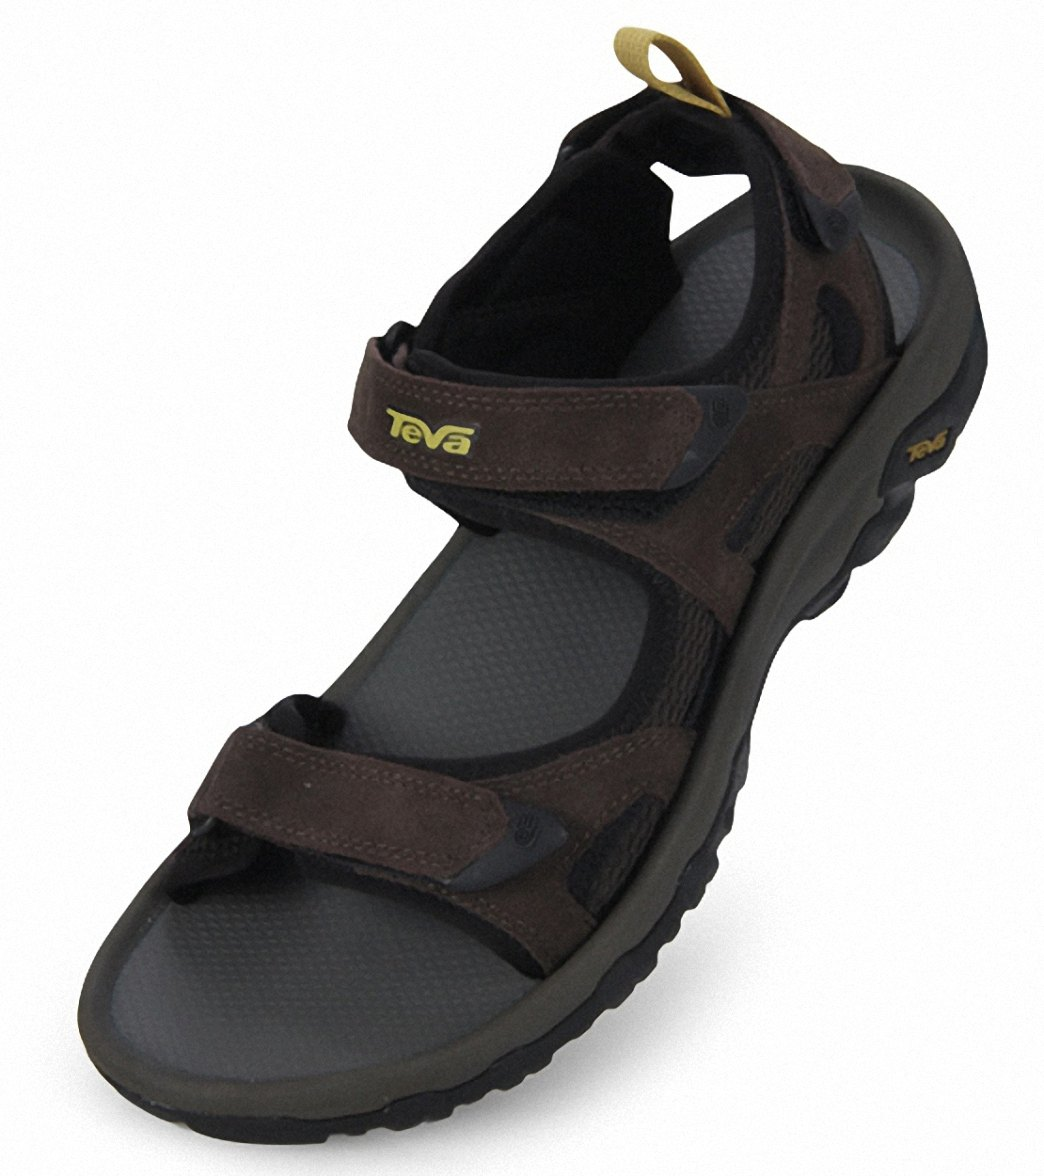 007ba1b96 Teva Men s Katavi Sandal at SwimOutlet.com - Free Shipping